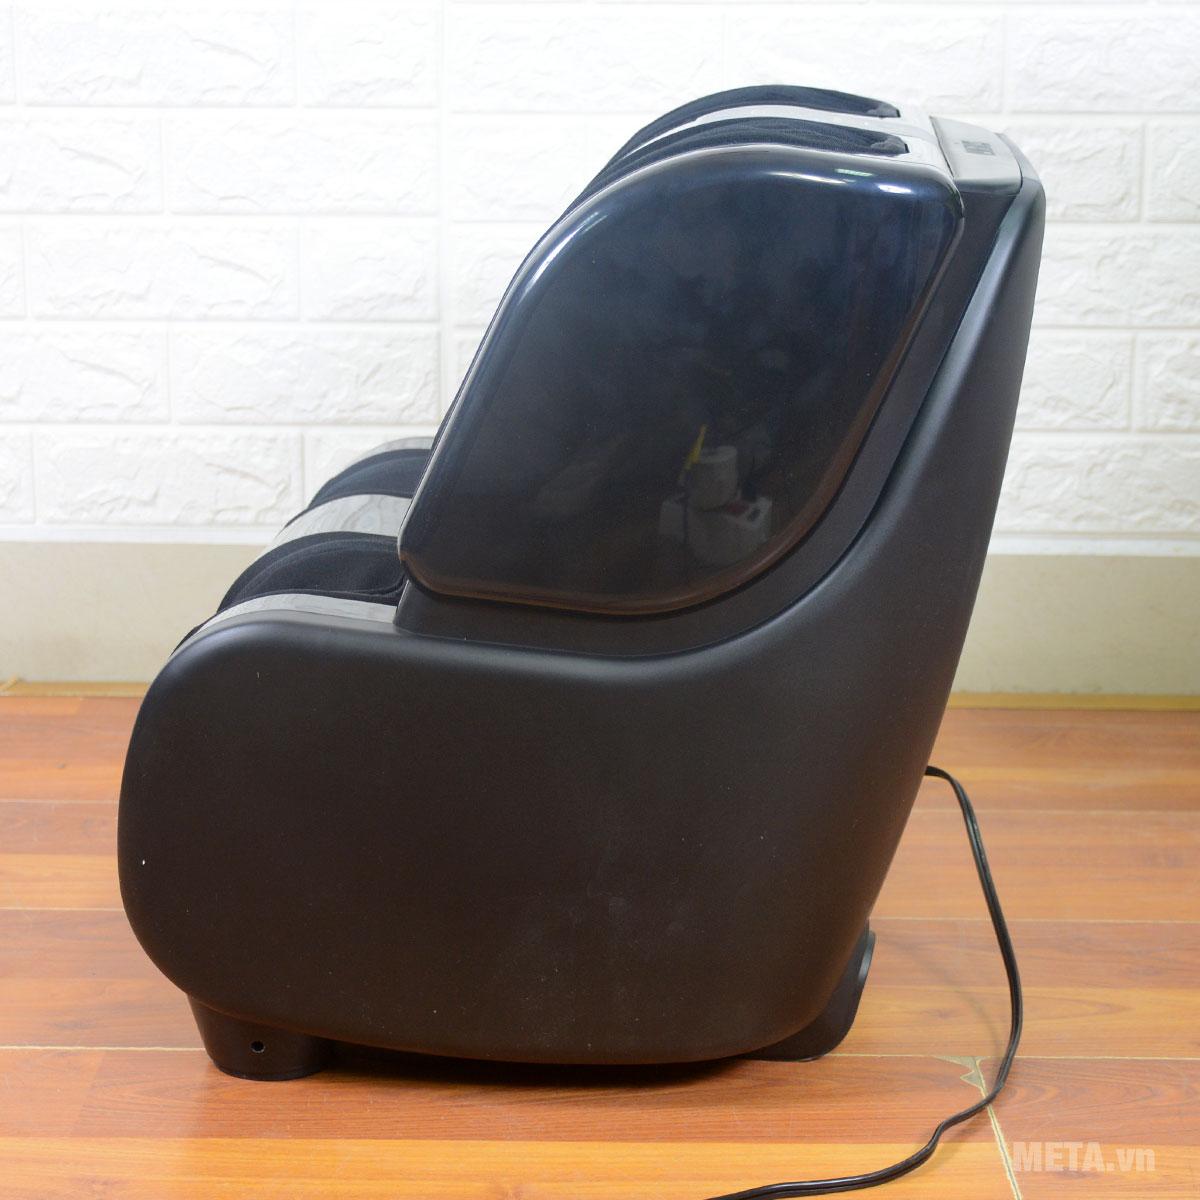 Máy massage chân HoMedics sử dụng nguồn điện 110V